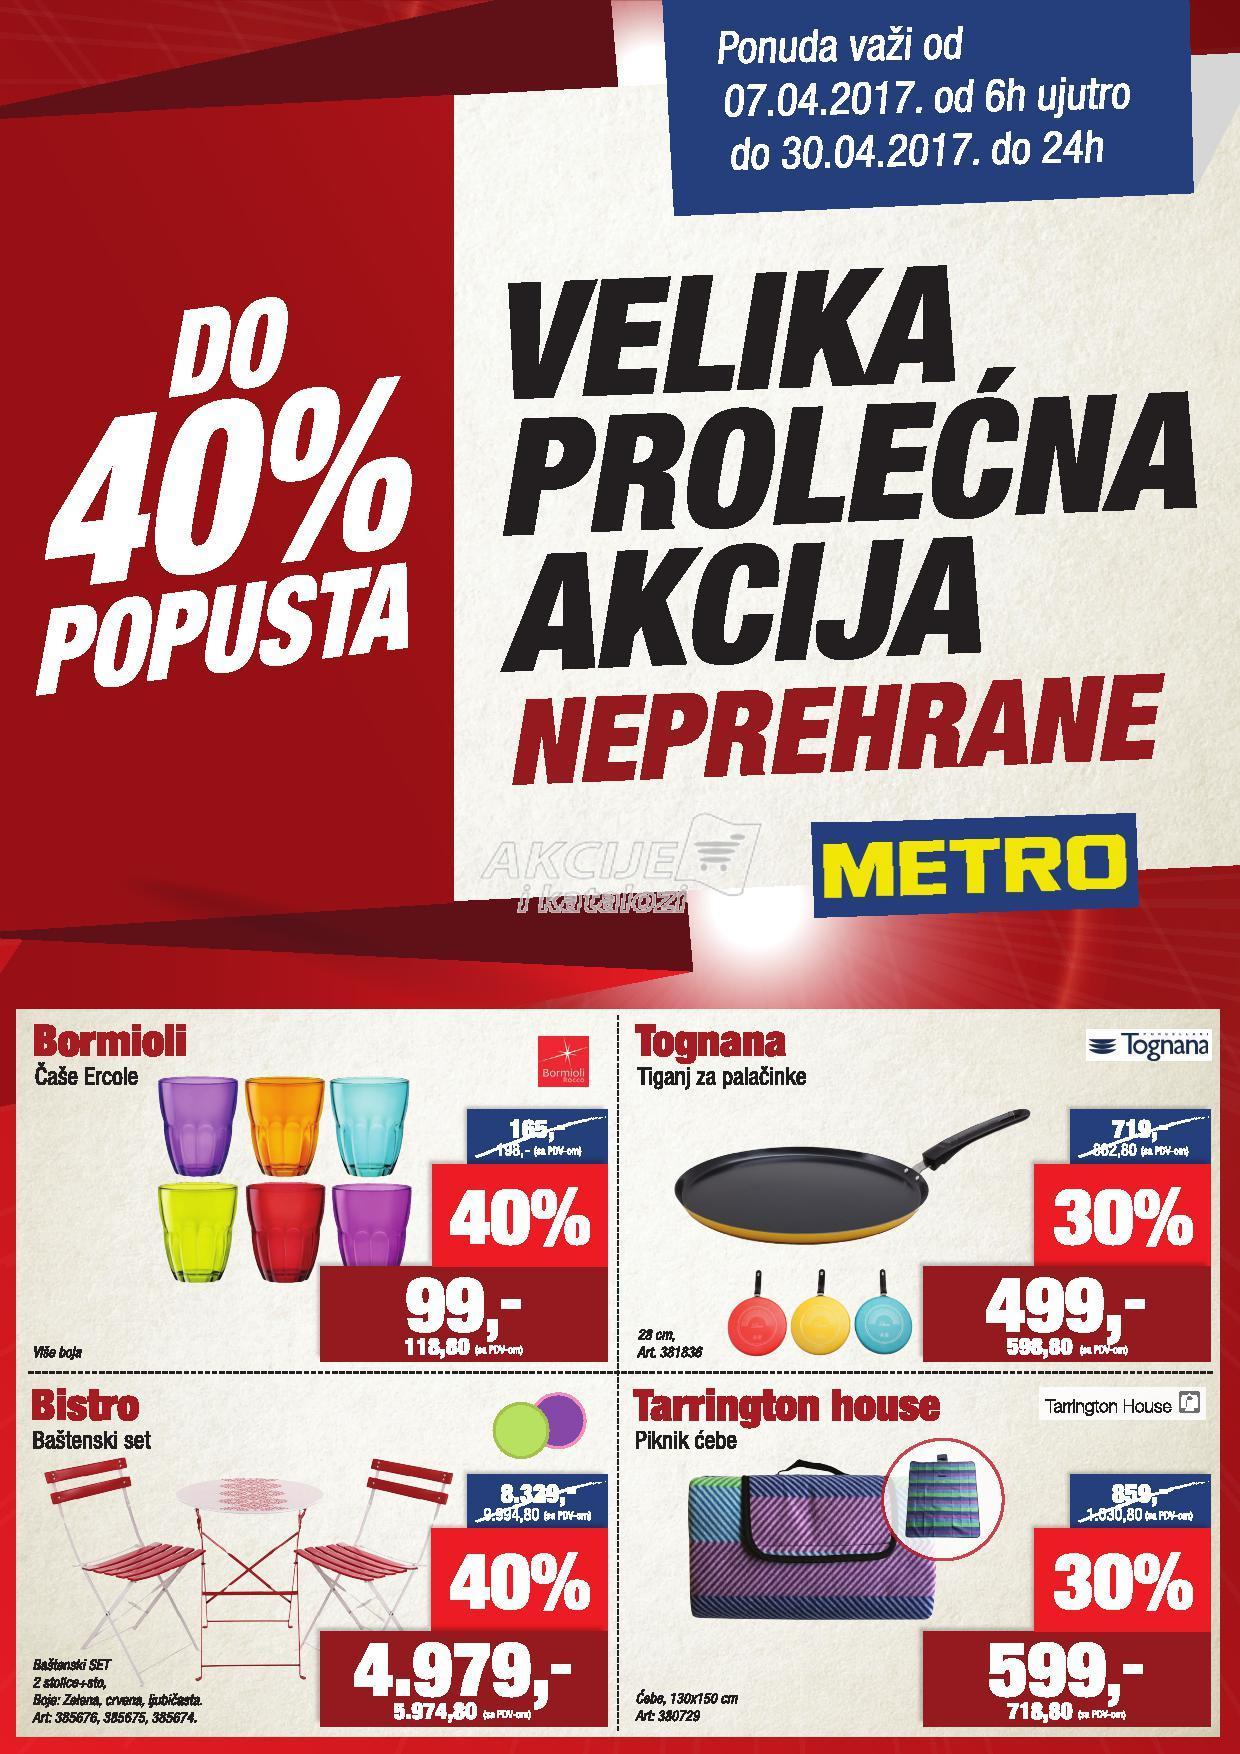 Metro - Redovna akcija prolećna kupovina